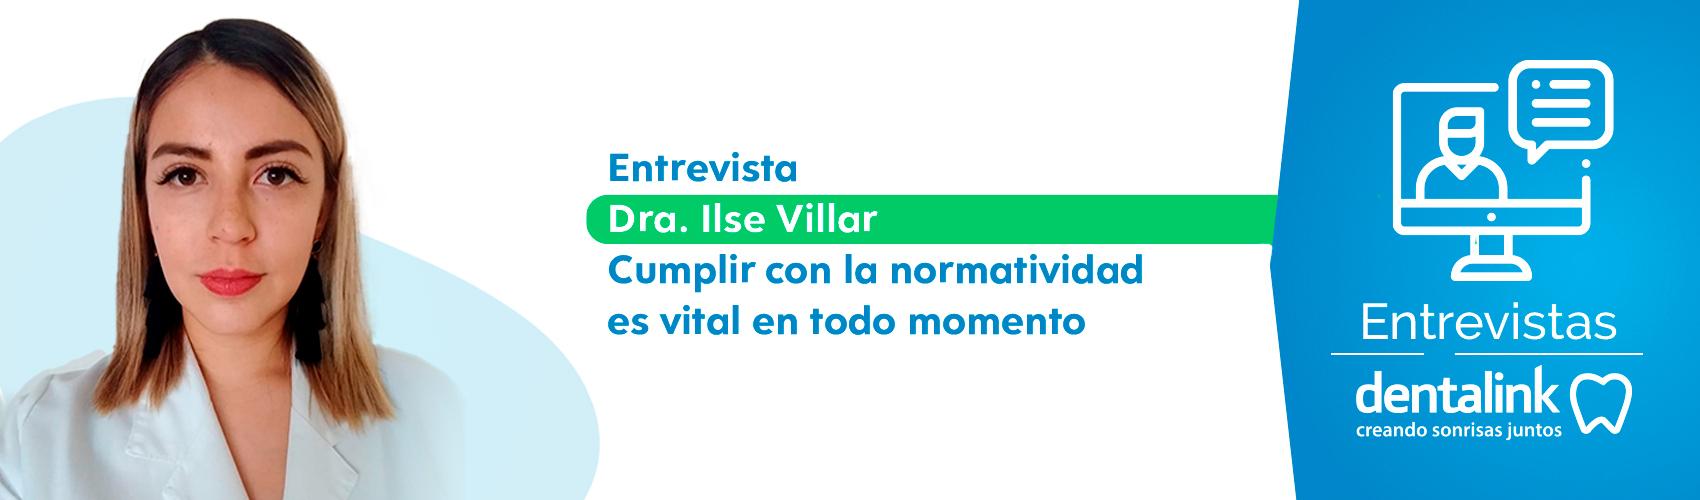 Cumplir con la normatividad es vital en todo momento - Entrevista a la Dra. Ilse Villar